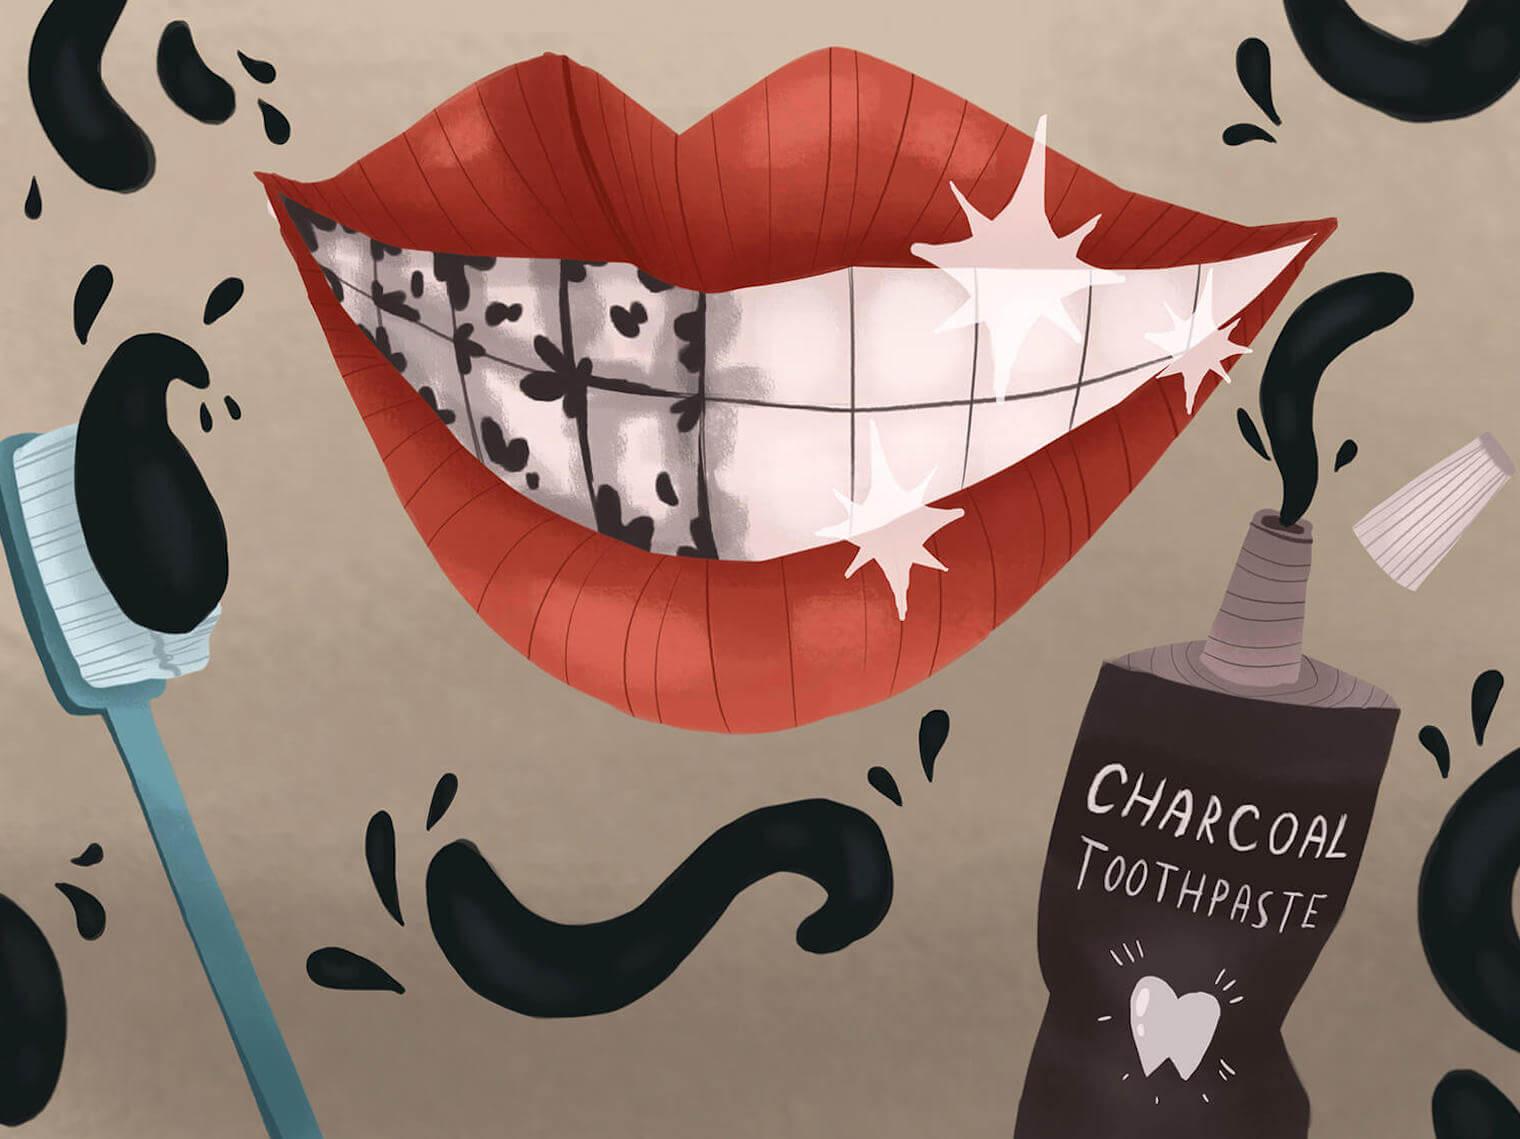 牙肉流血是因為牙肉發炎的太厲害,而牙肉發炎是因為沒將牙周囊袋清乾淨。牙周囊袋必須用牙刷 45 度角斜刷,以及使用牙線徹底清到底部,才可以維持乾淨,你可以想像一下,牙齒與牙齦之間的縫往往是常被忽略的。